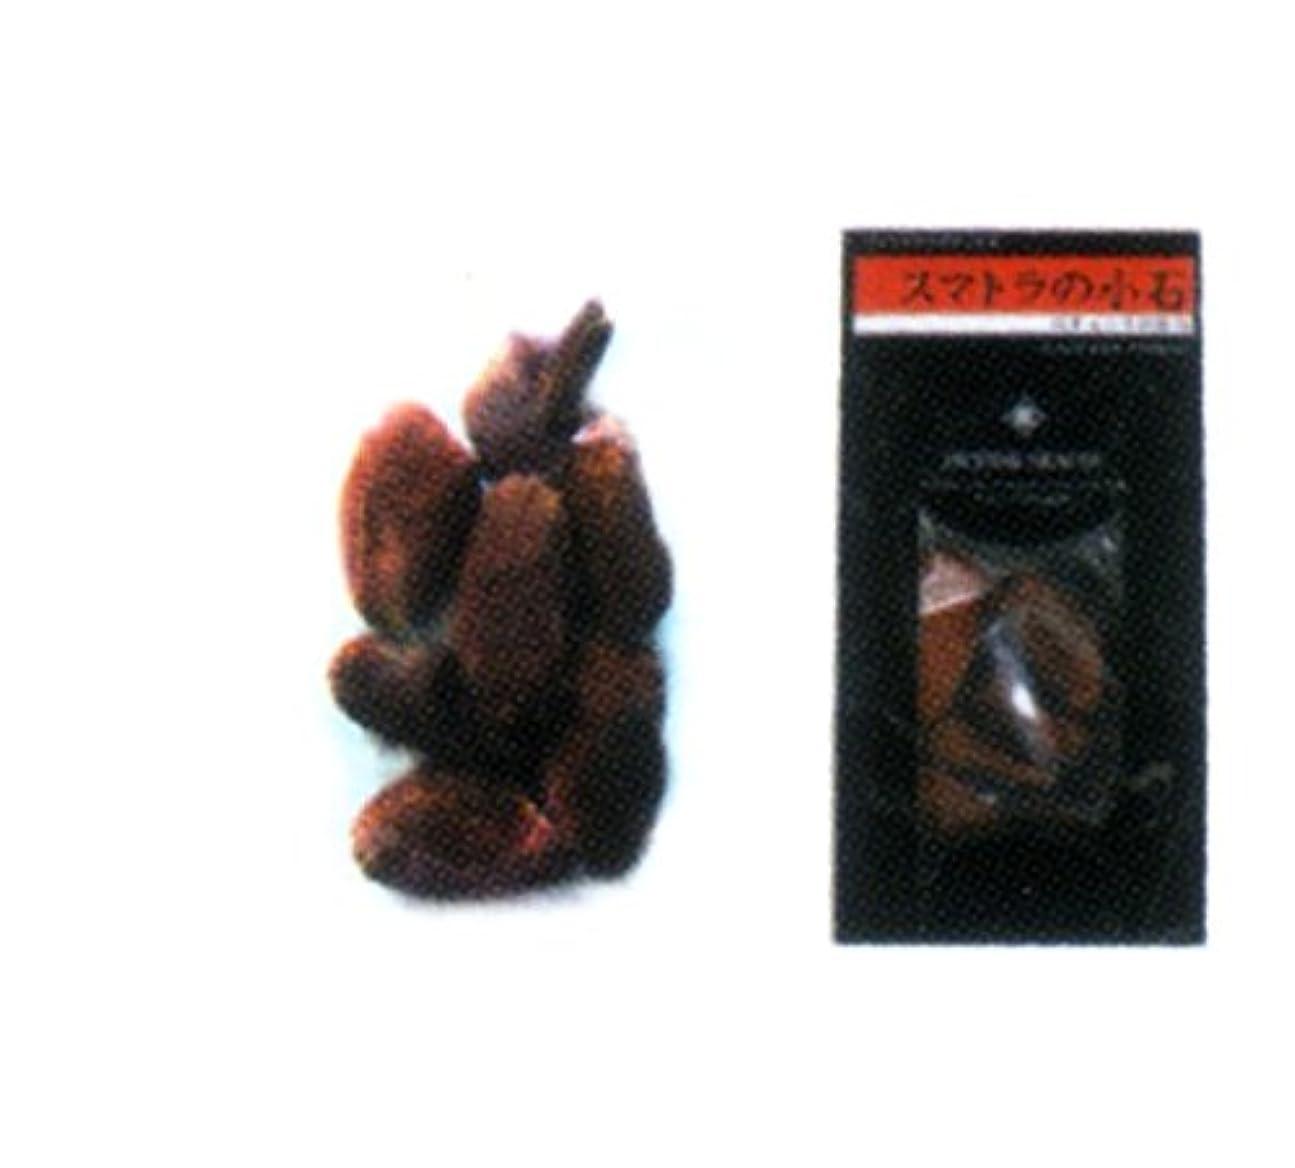 懲戒トースト下に向けますインセンスヘブン(100%天然手作りのお香) スマトラの石